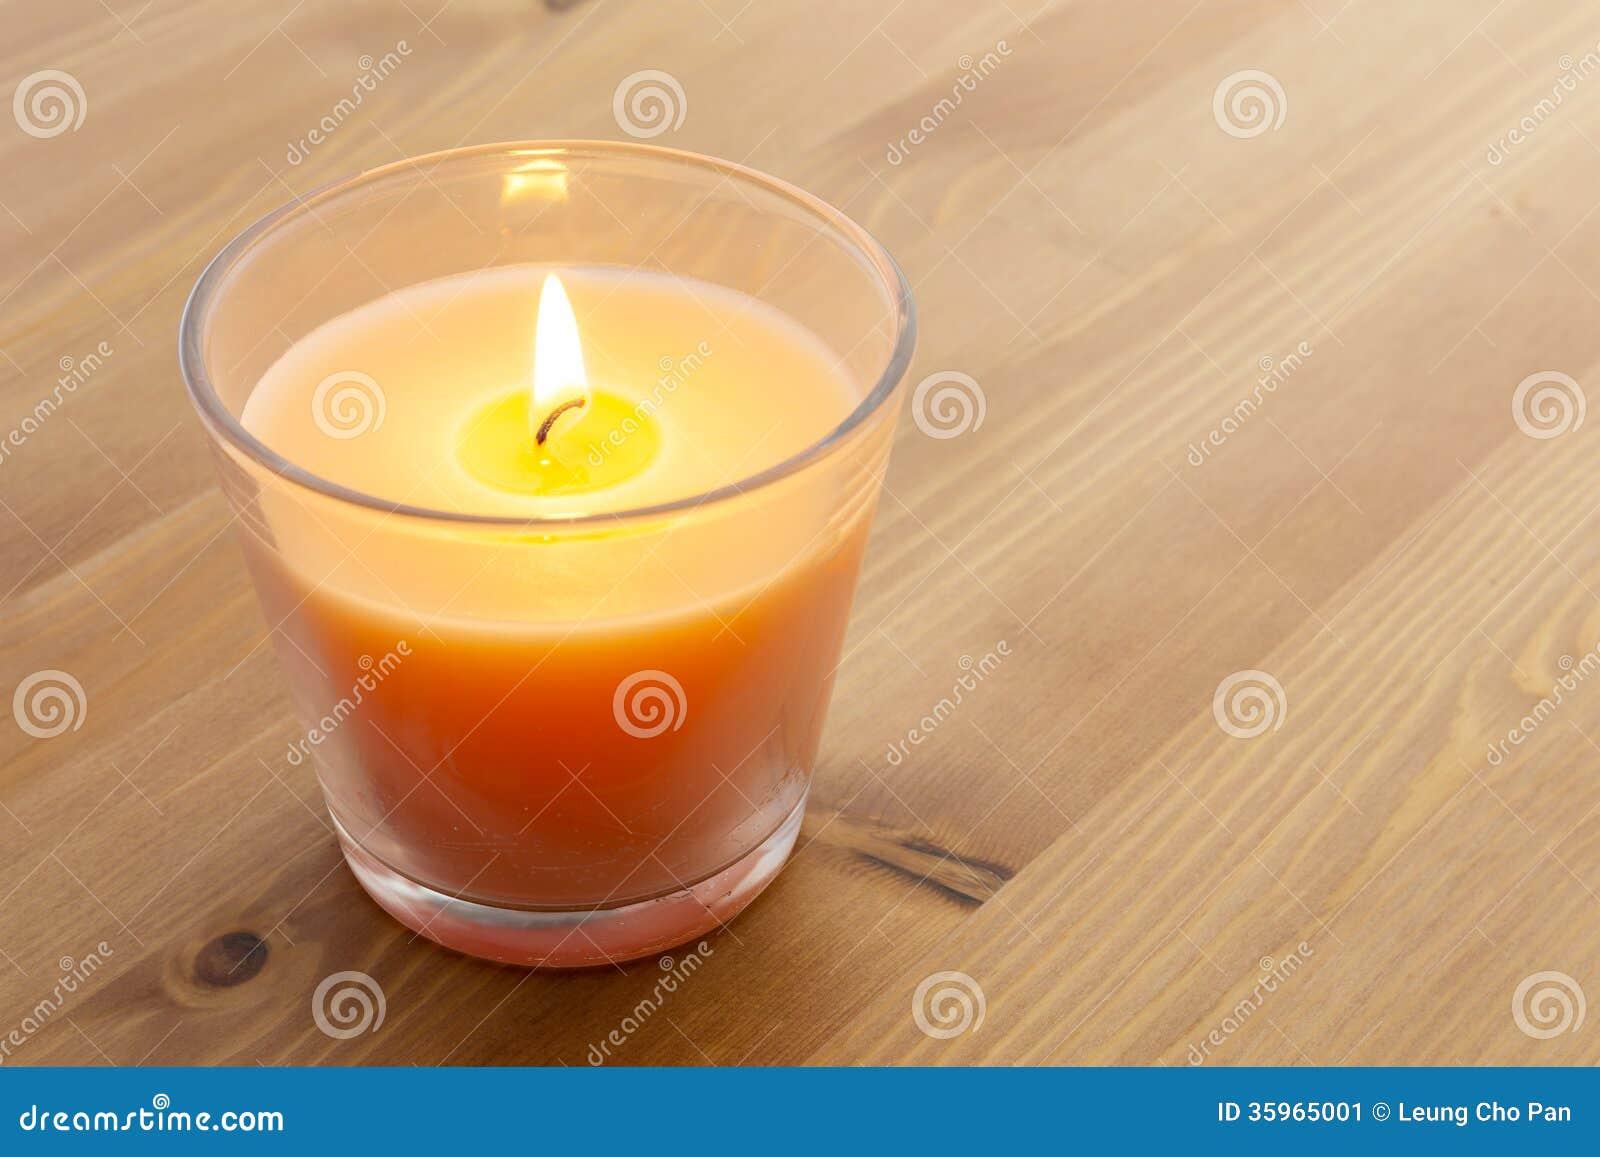 Luz de una vela